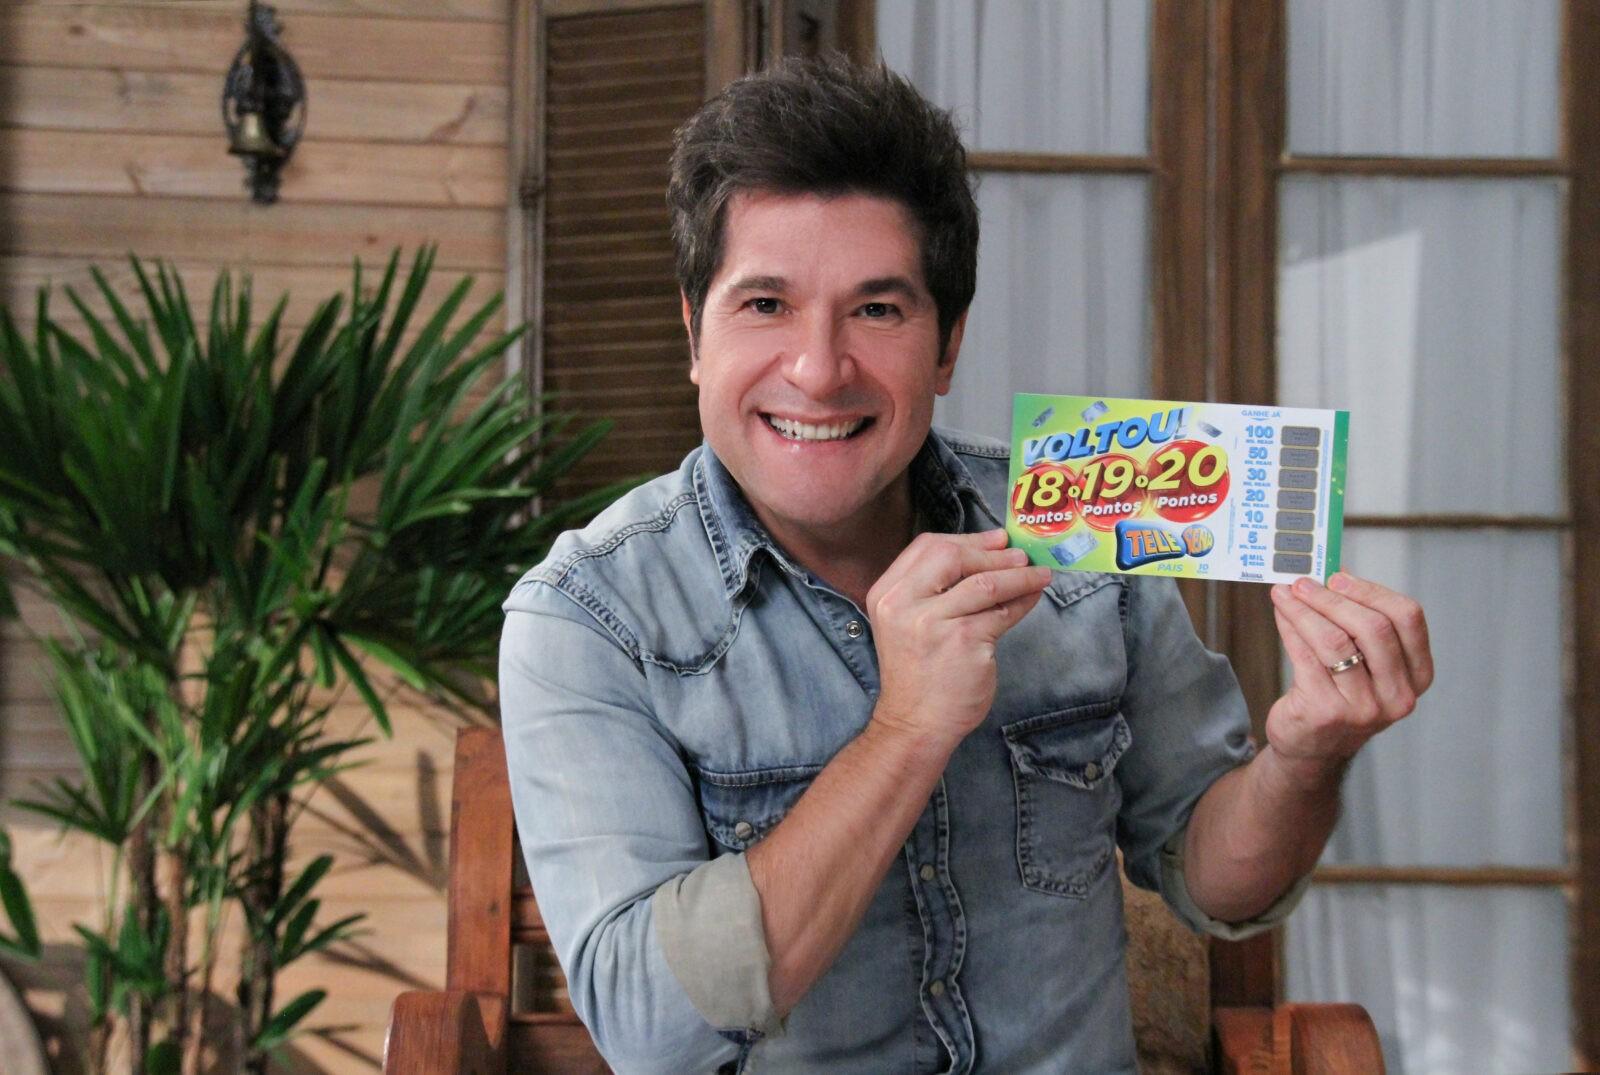 Cantor Daniel estrela campanha da nova Tele Sena de Pais (Foto/divulgação)